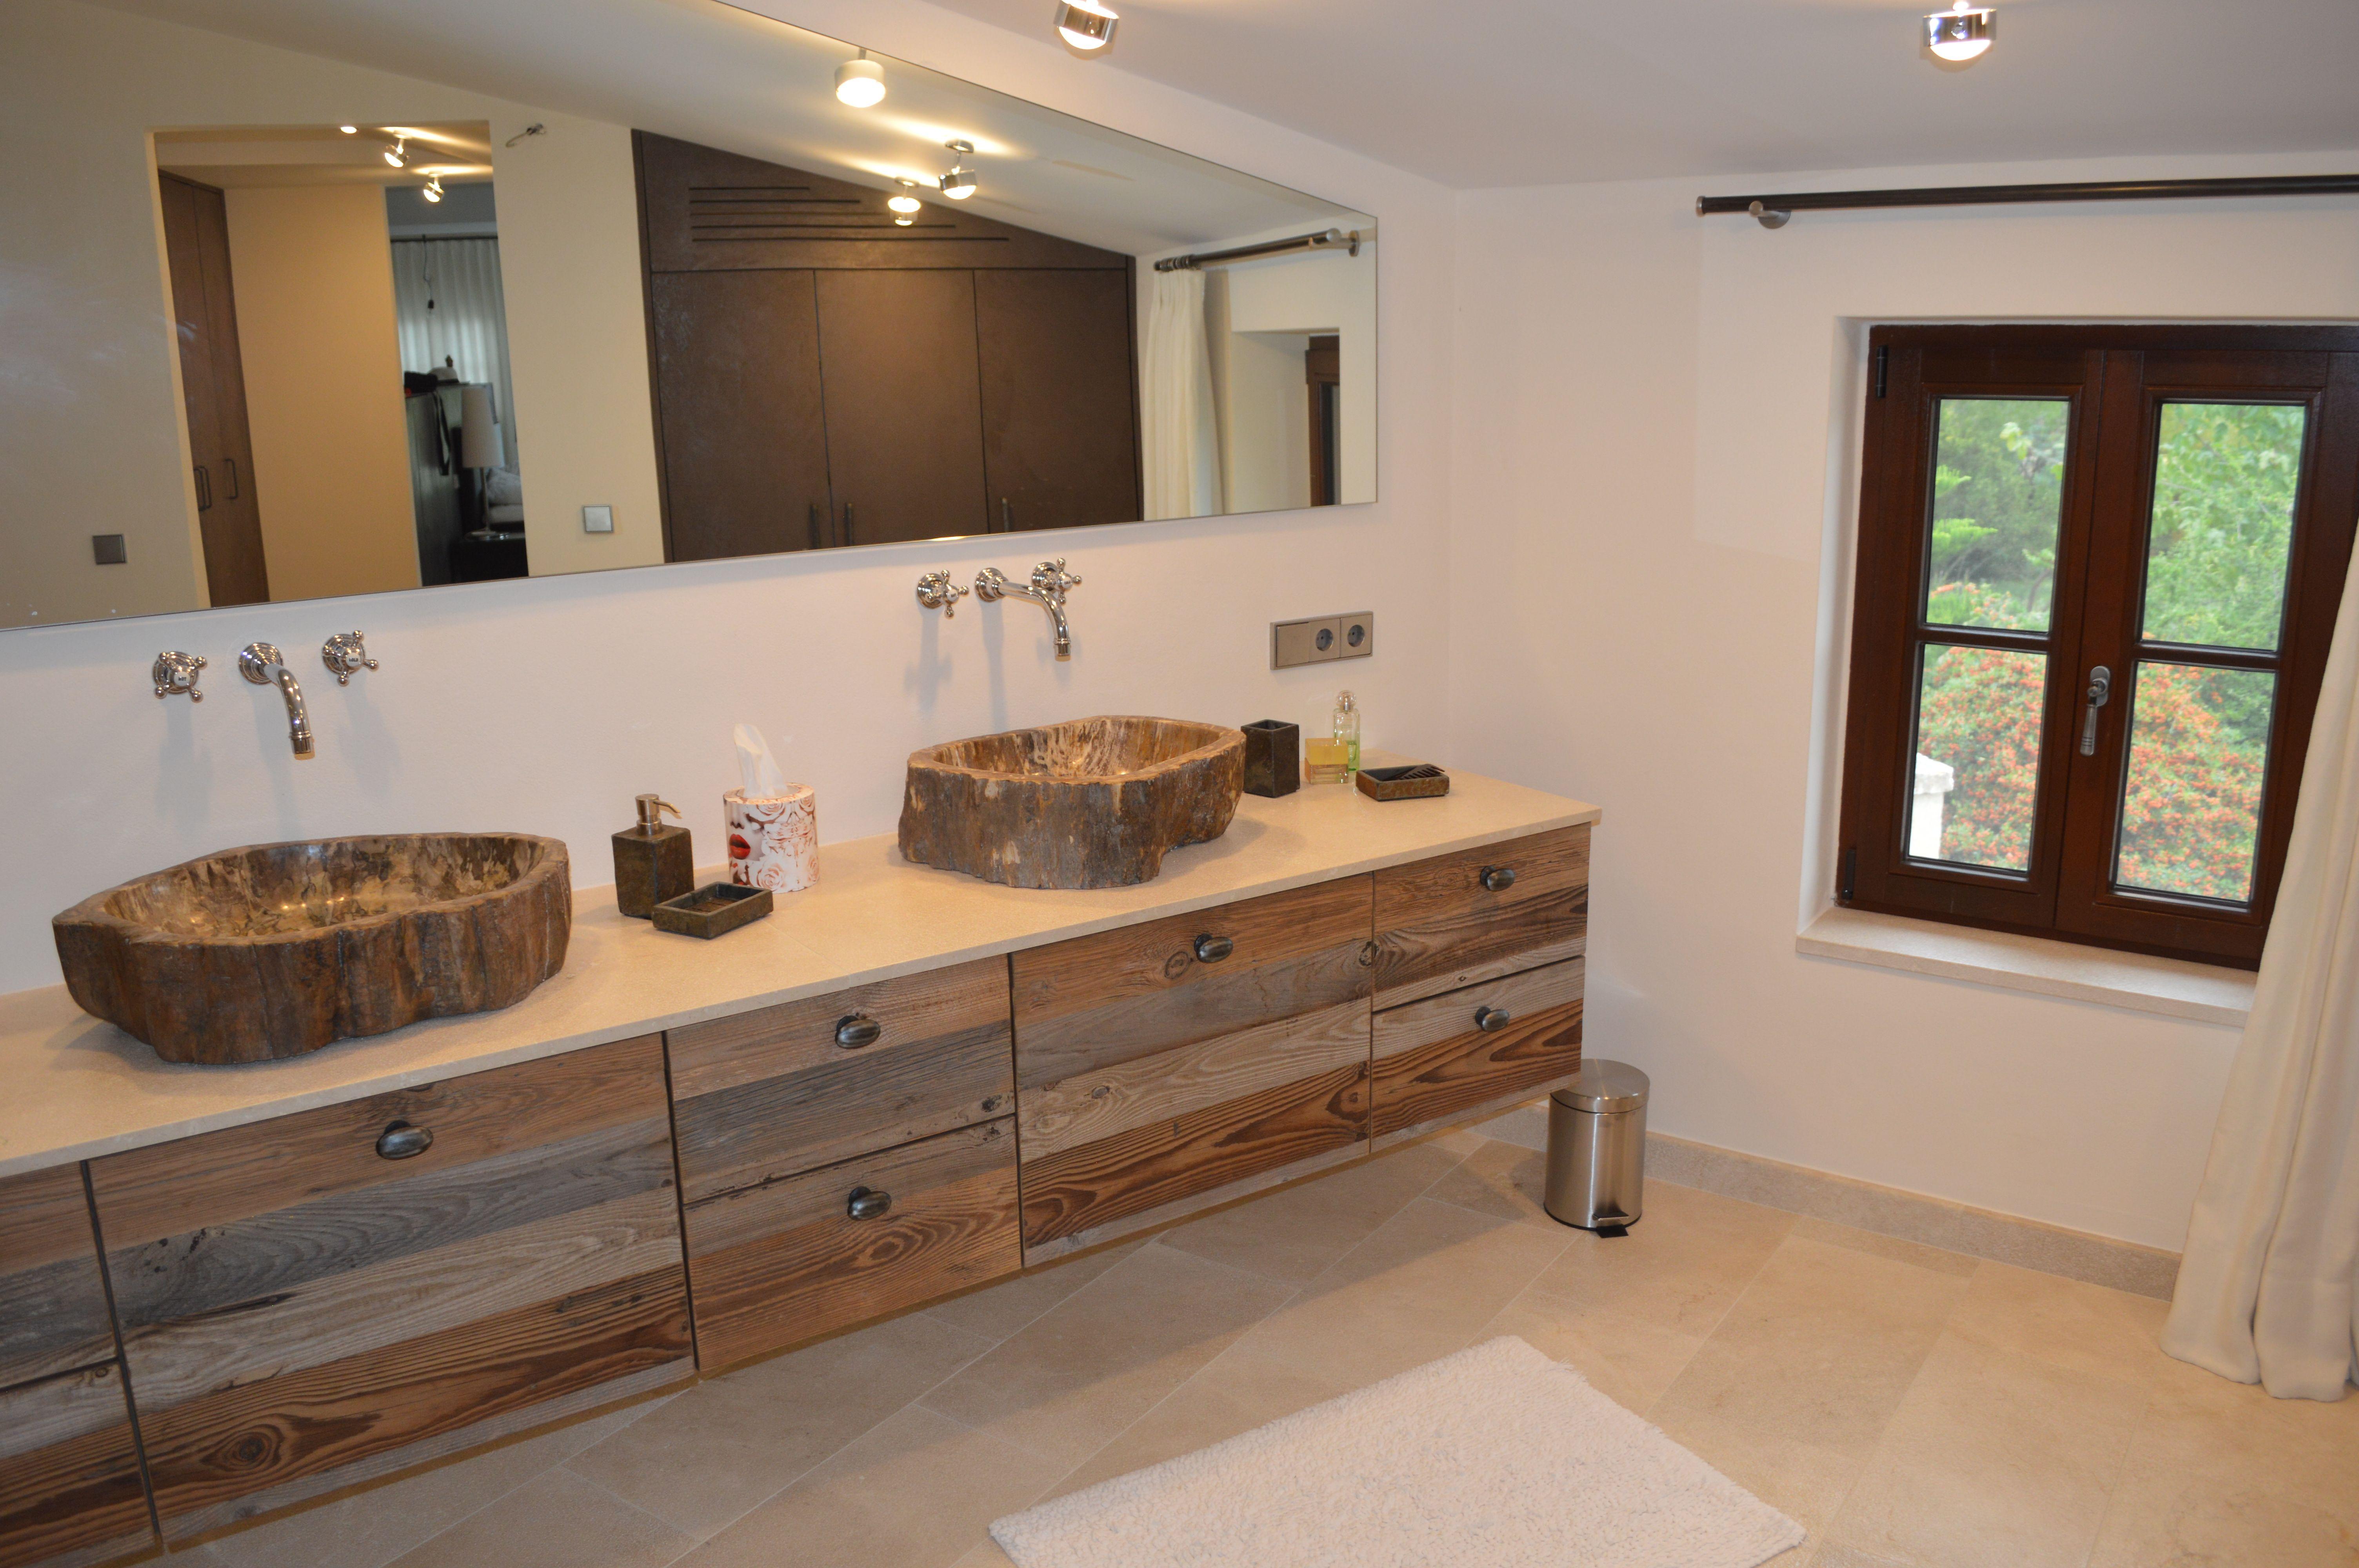 Rustikale Badezimmer Idee - Waschtischunterschrank mit Fronten in ...